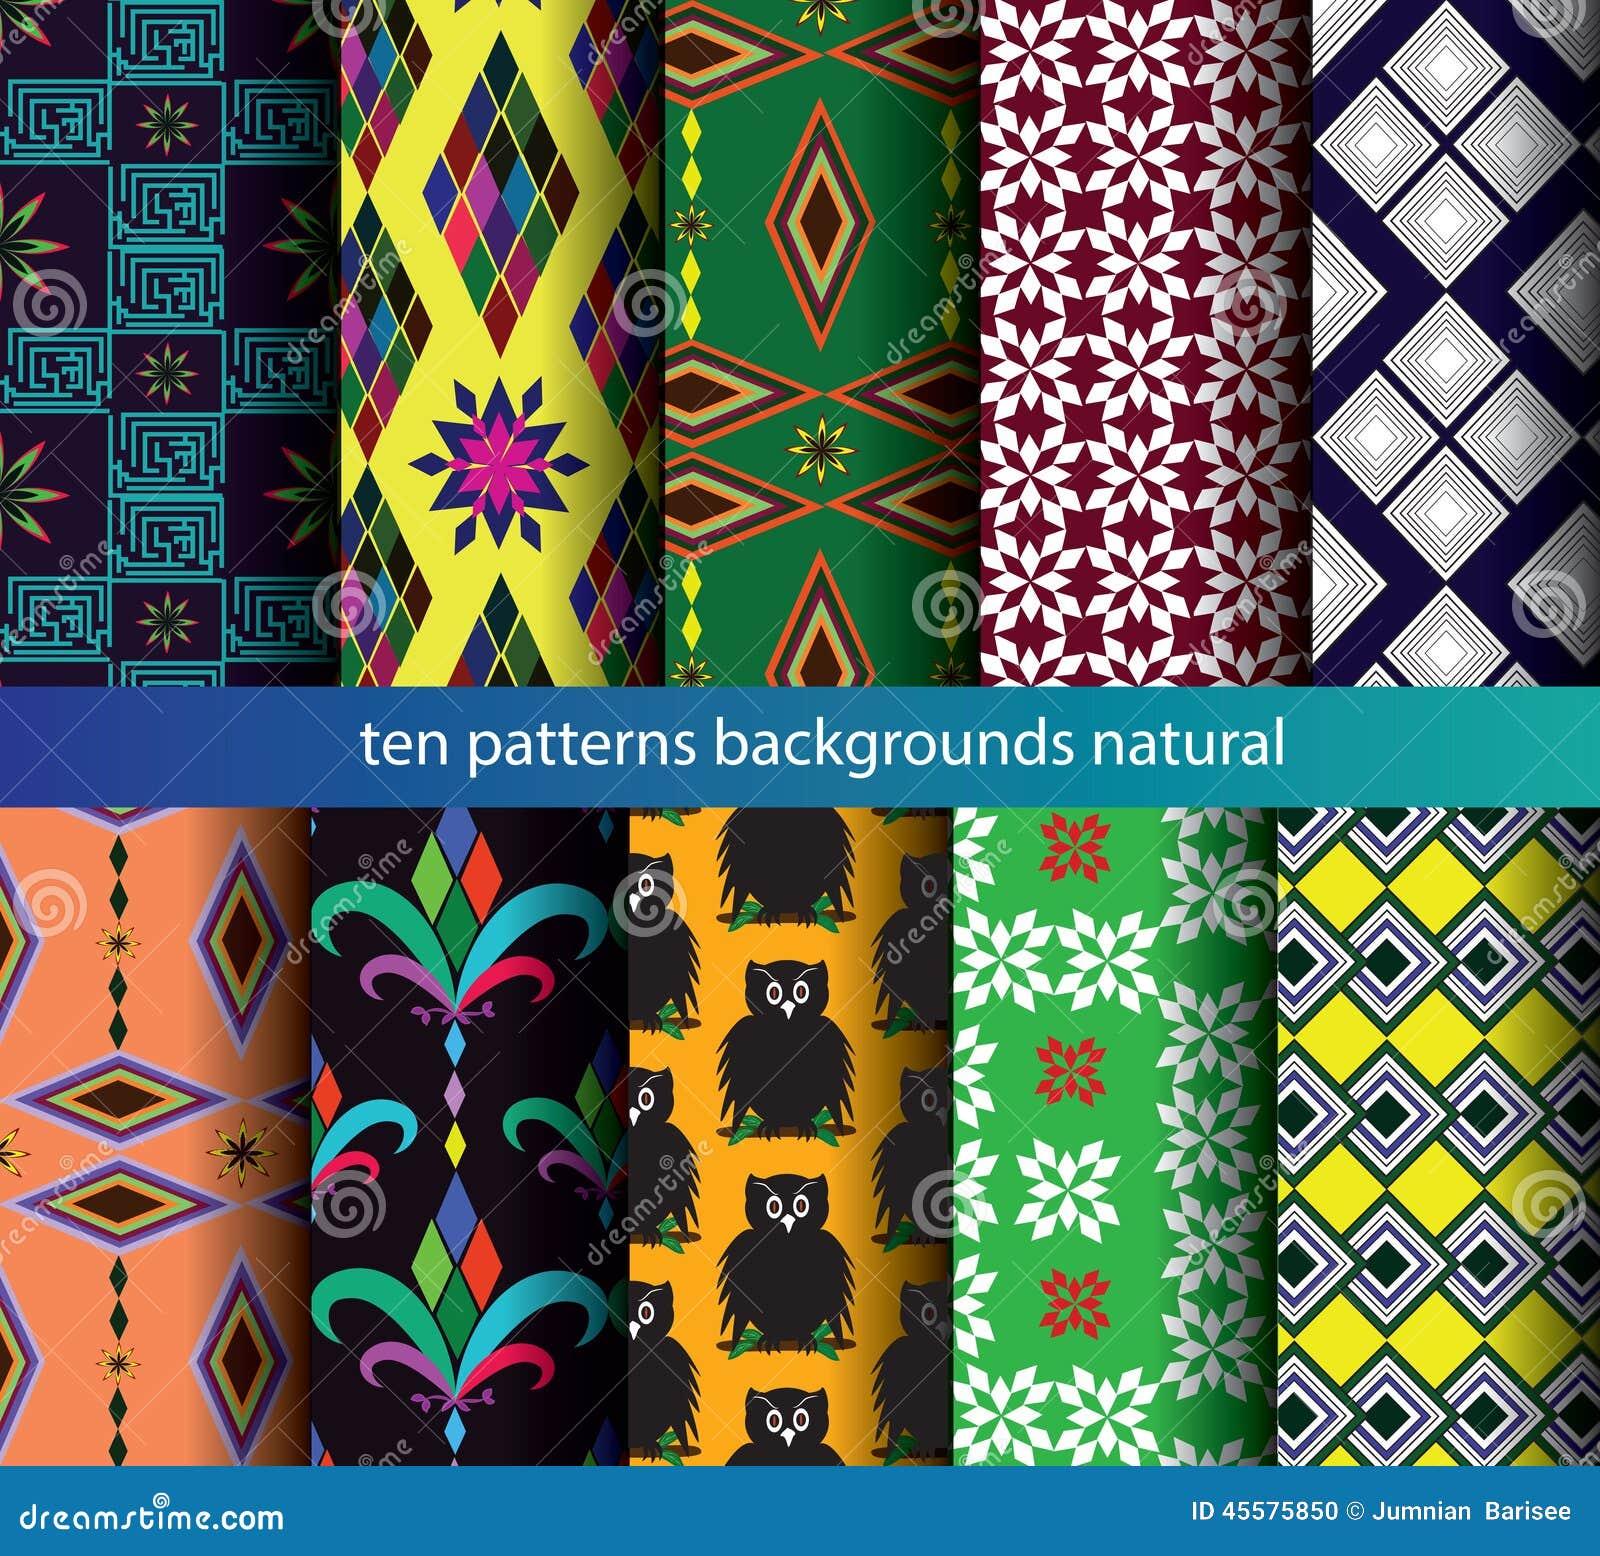 Ten patterns backgrounds seamless.